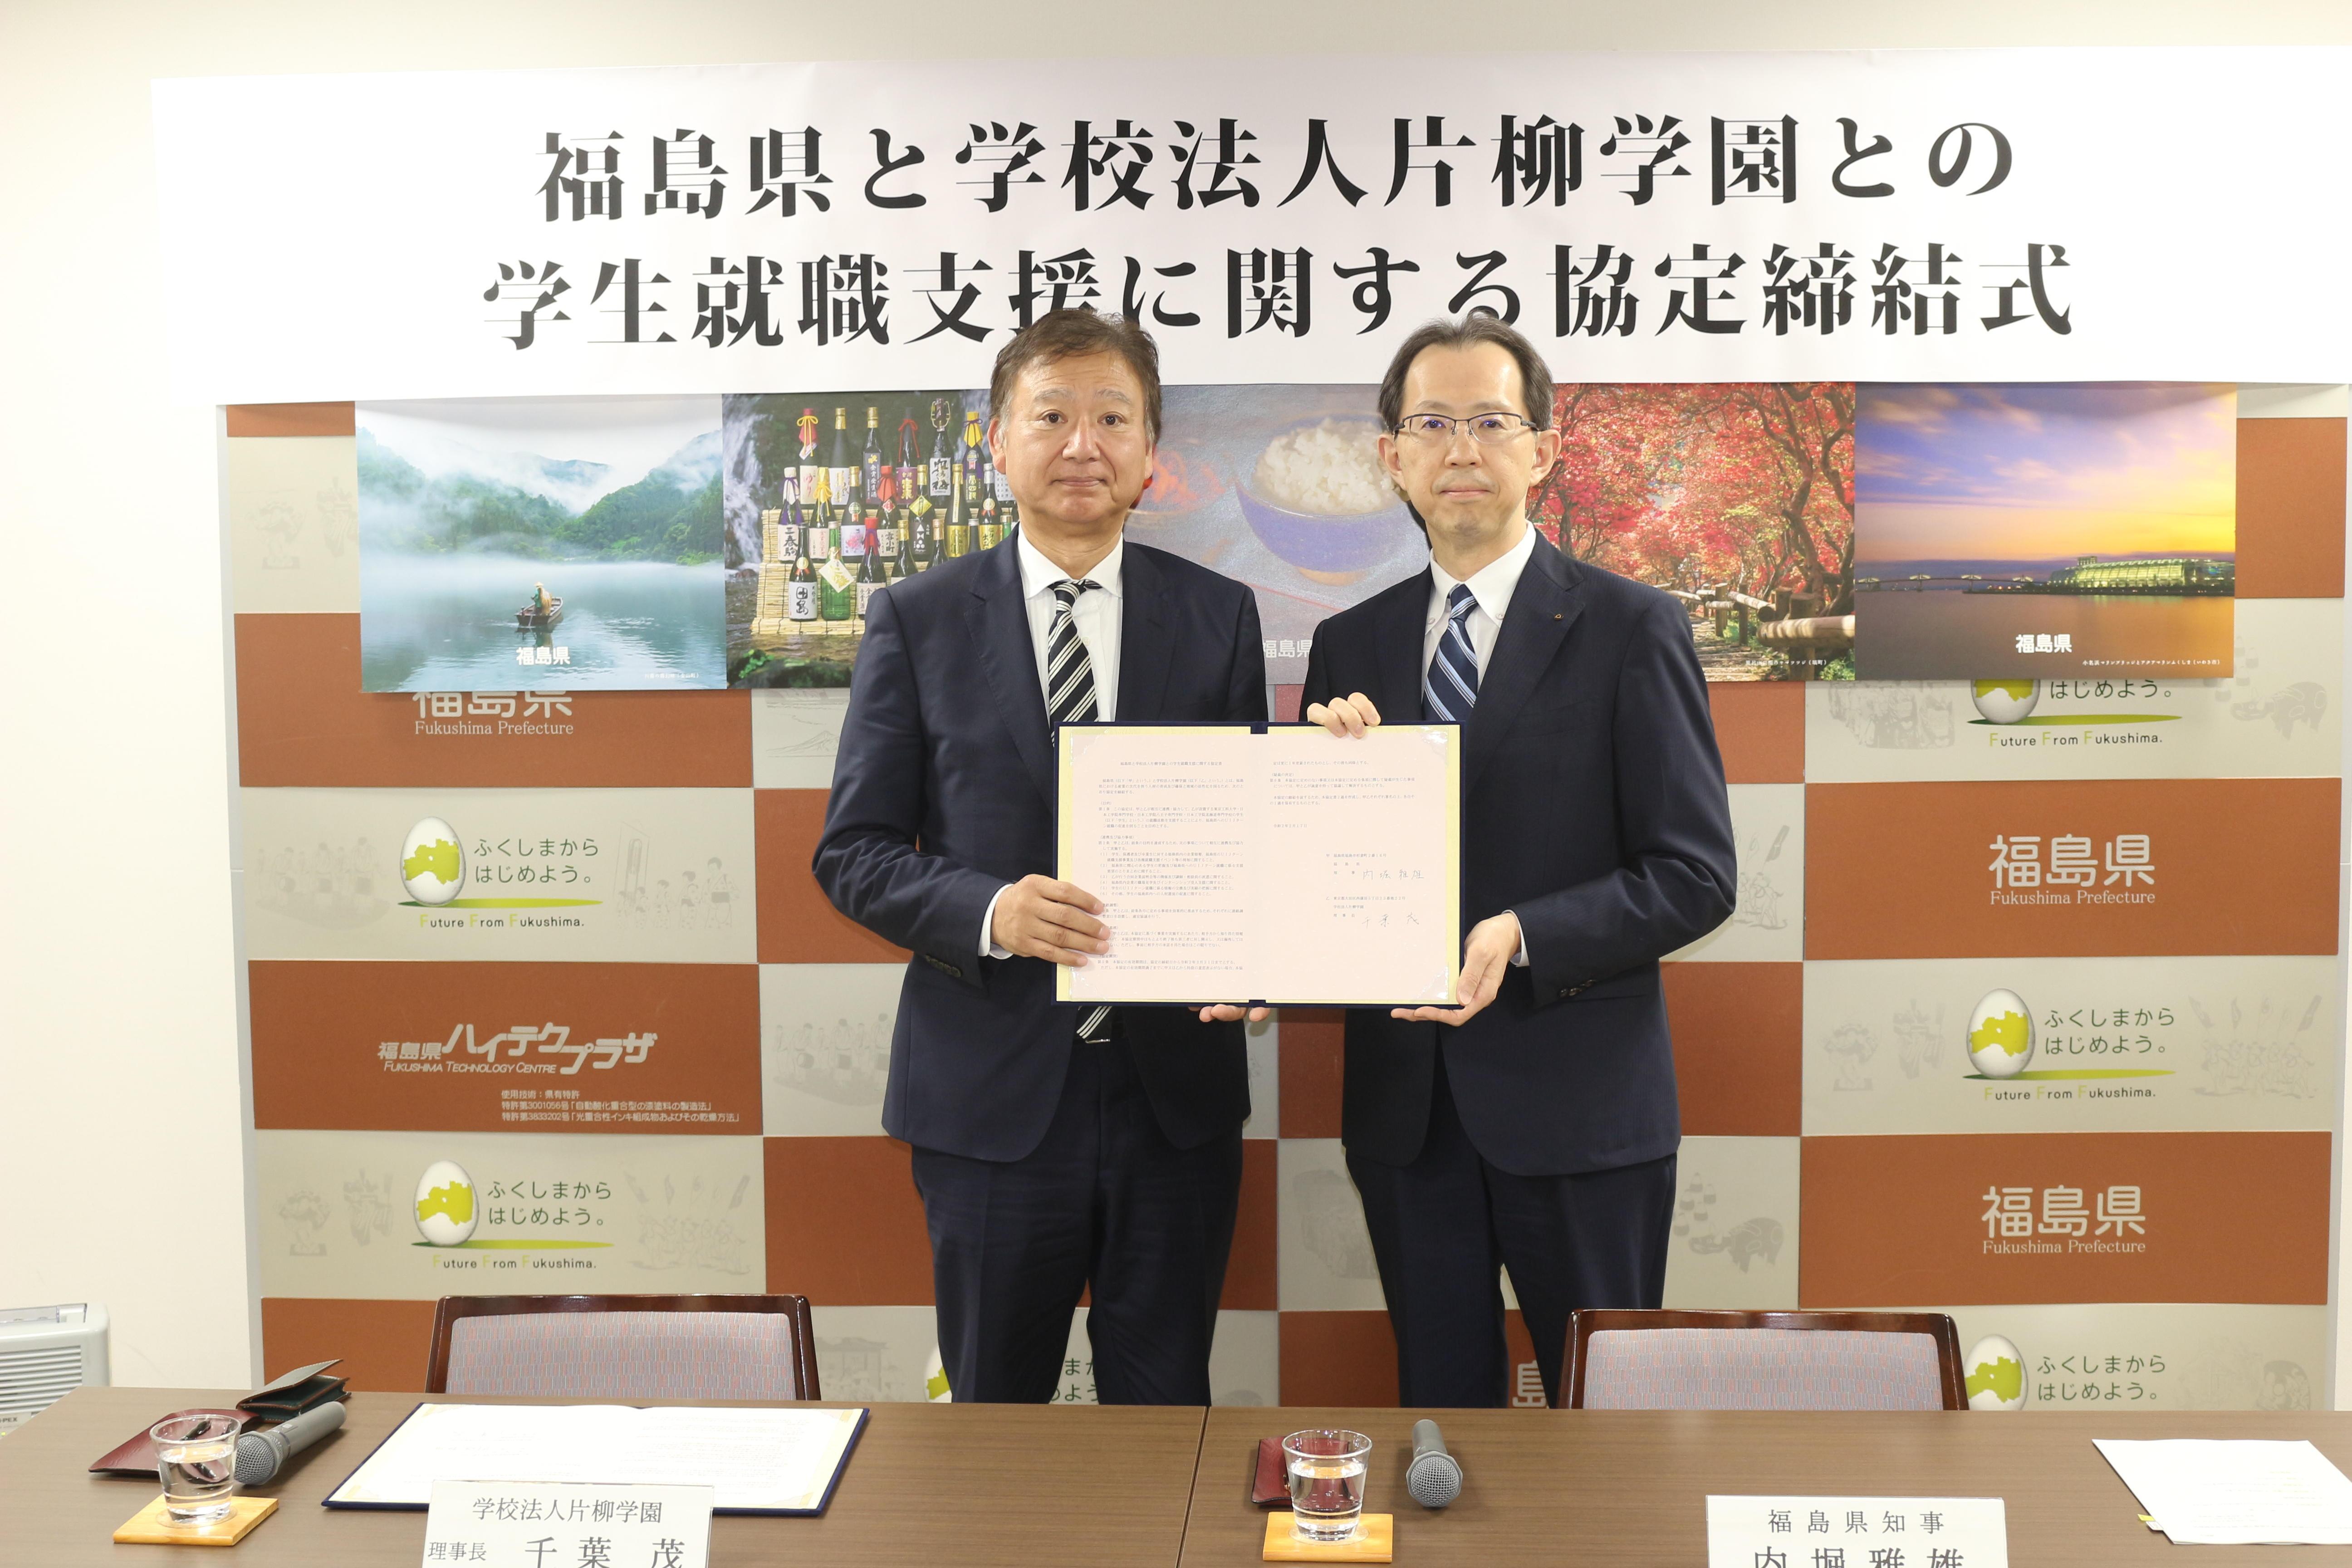 福島県と「UIJターン就職⽀援に関する協定」を締結 -- 学校法人片柳学園